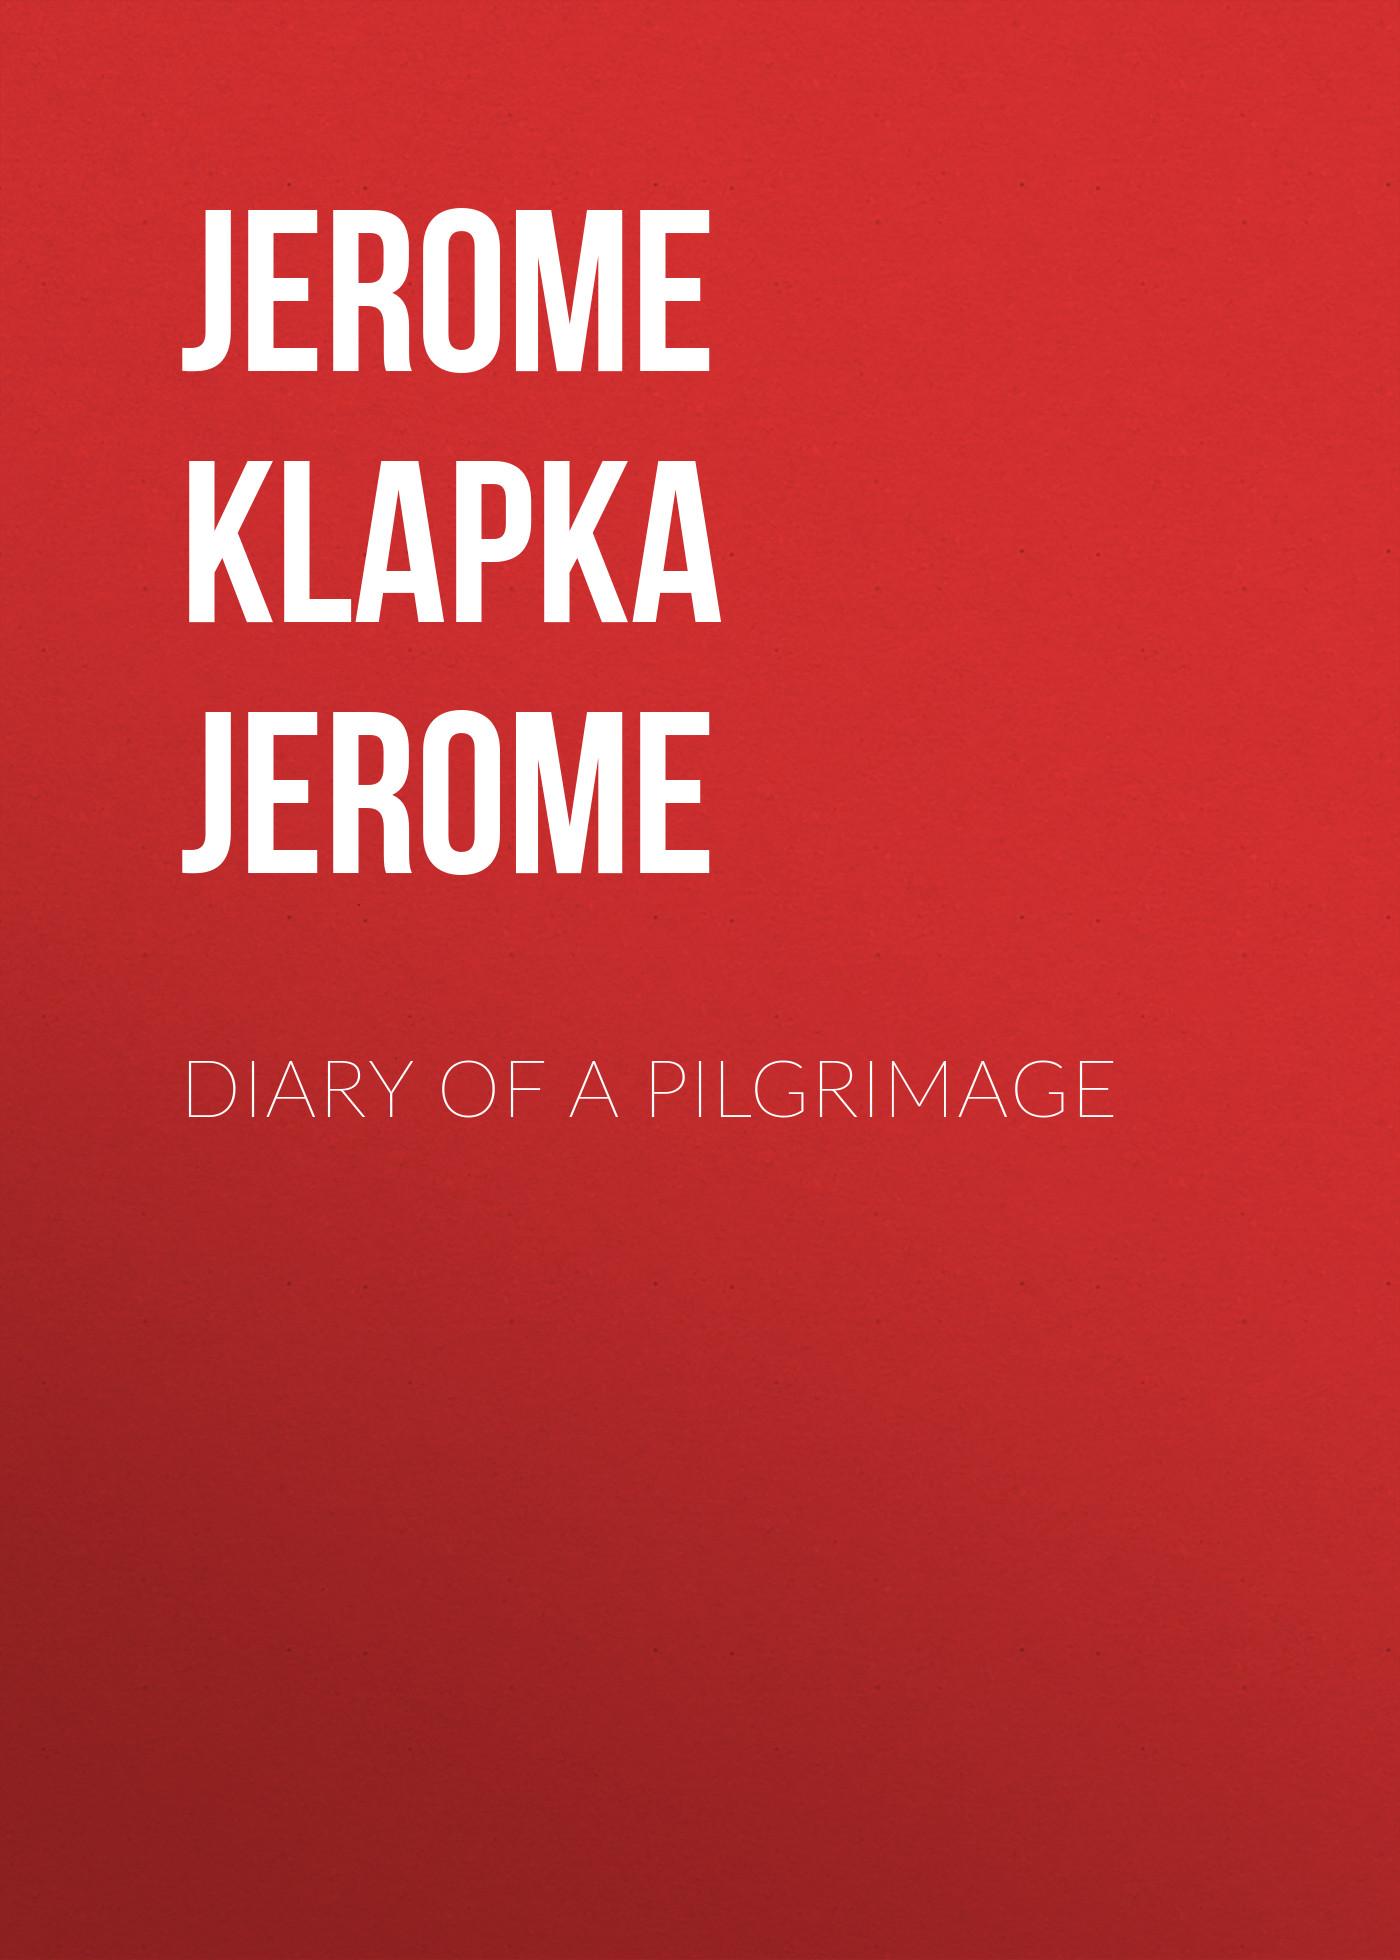 Джером Клапка Джером Diary of a Pilgrimage джером клапка джером evergreens